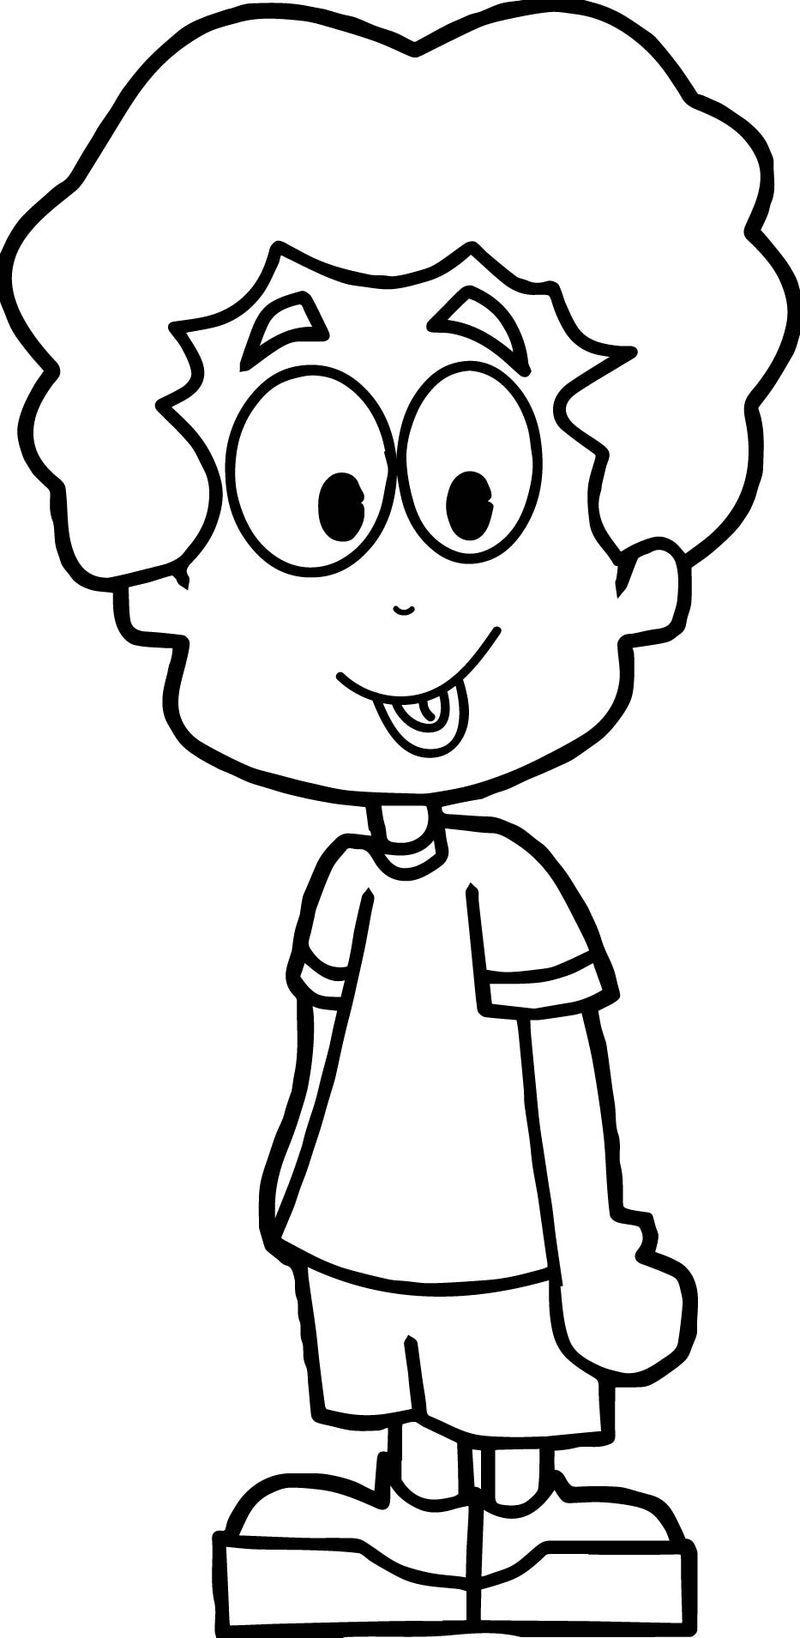 Cartoon Boy Coloring Page Boy Coloring Coloring Pages For Boys Cartoon Coloring Pages